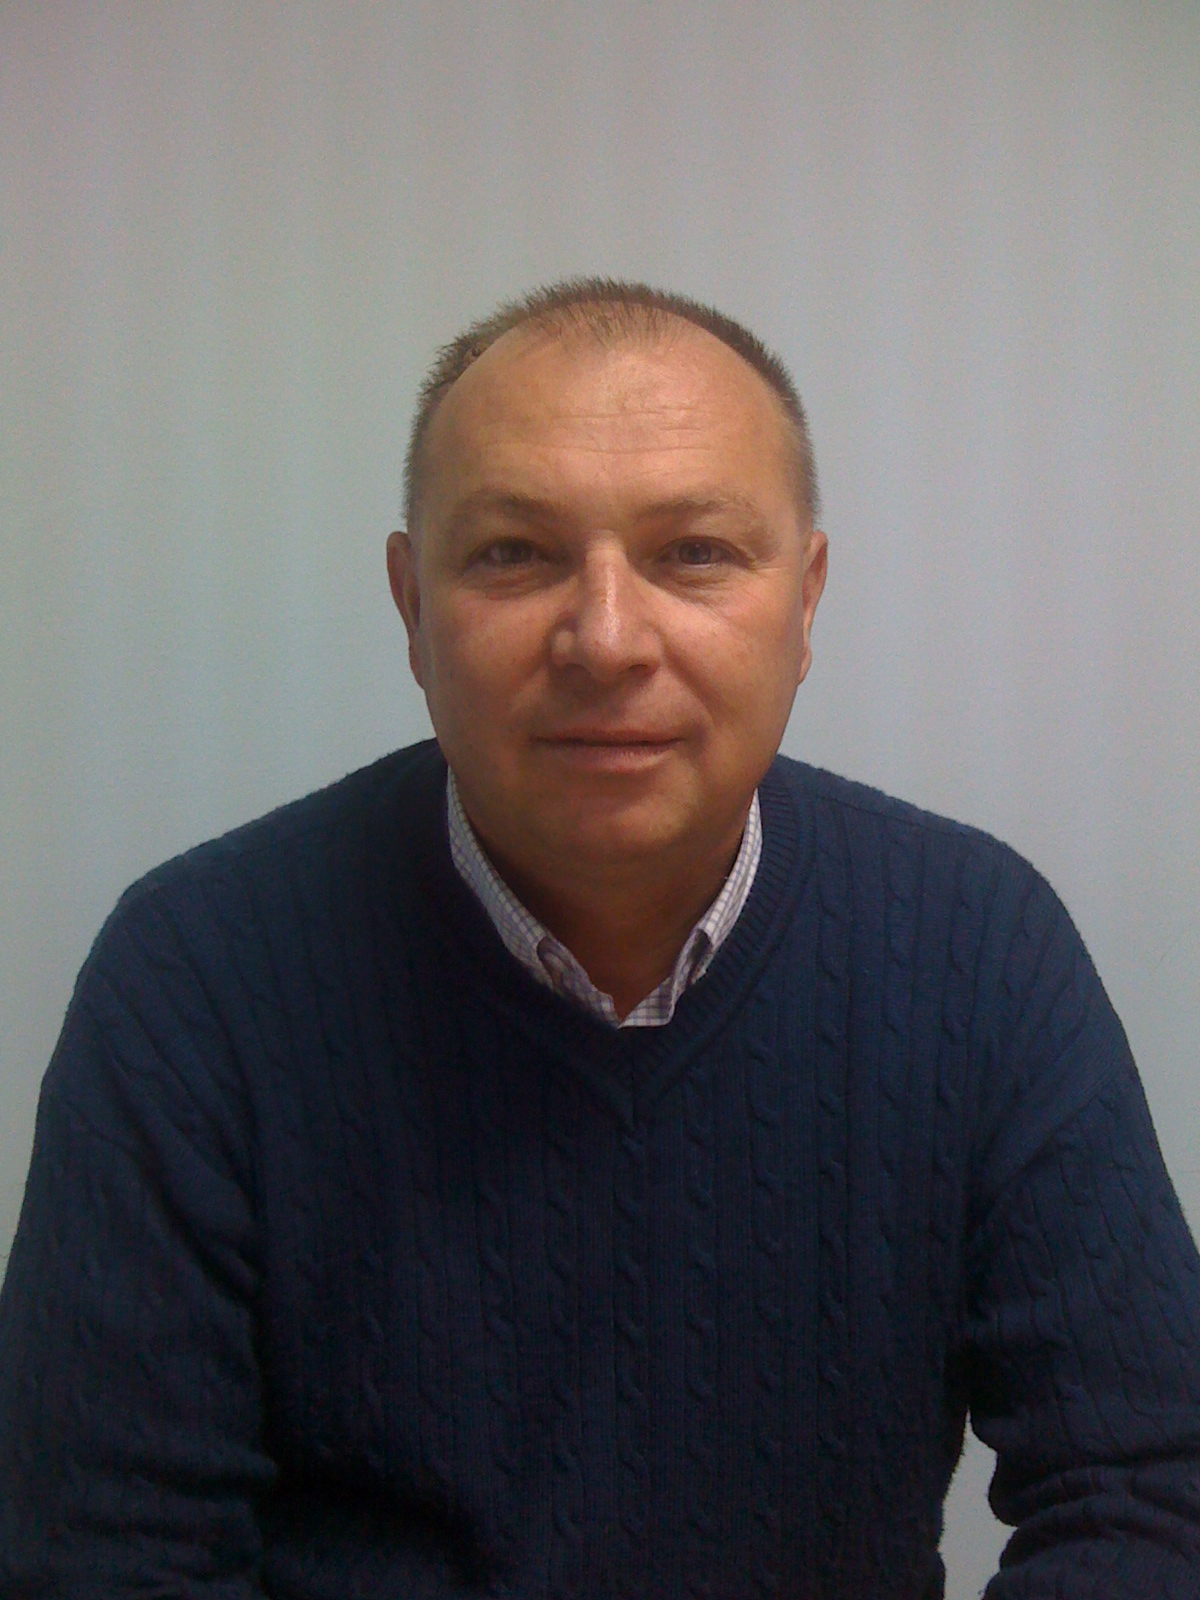 Fuad Purišević